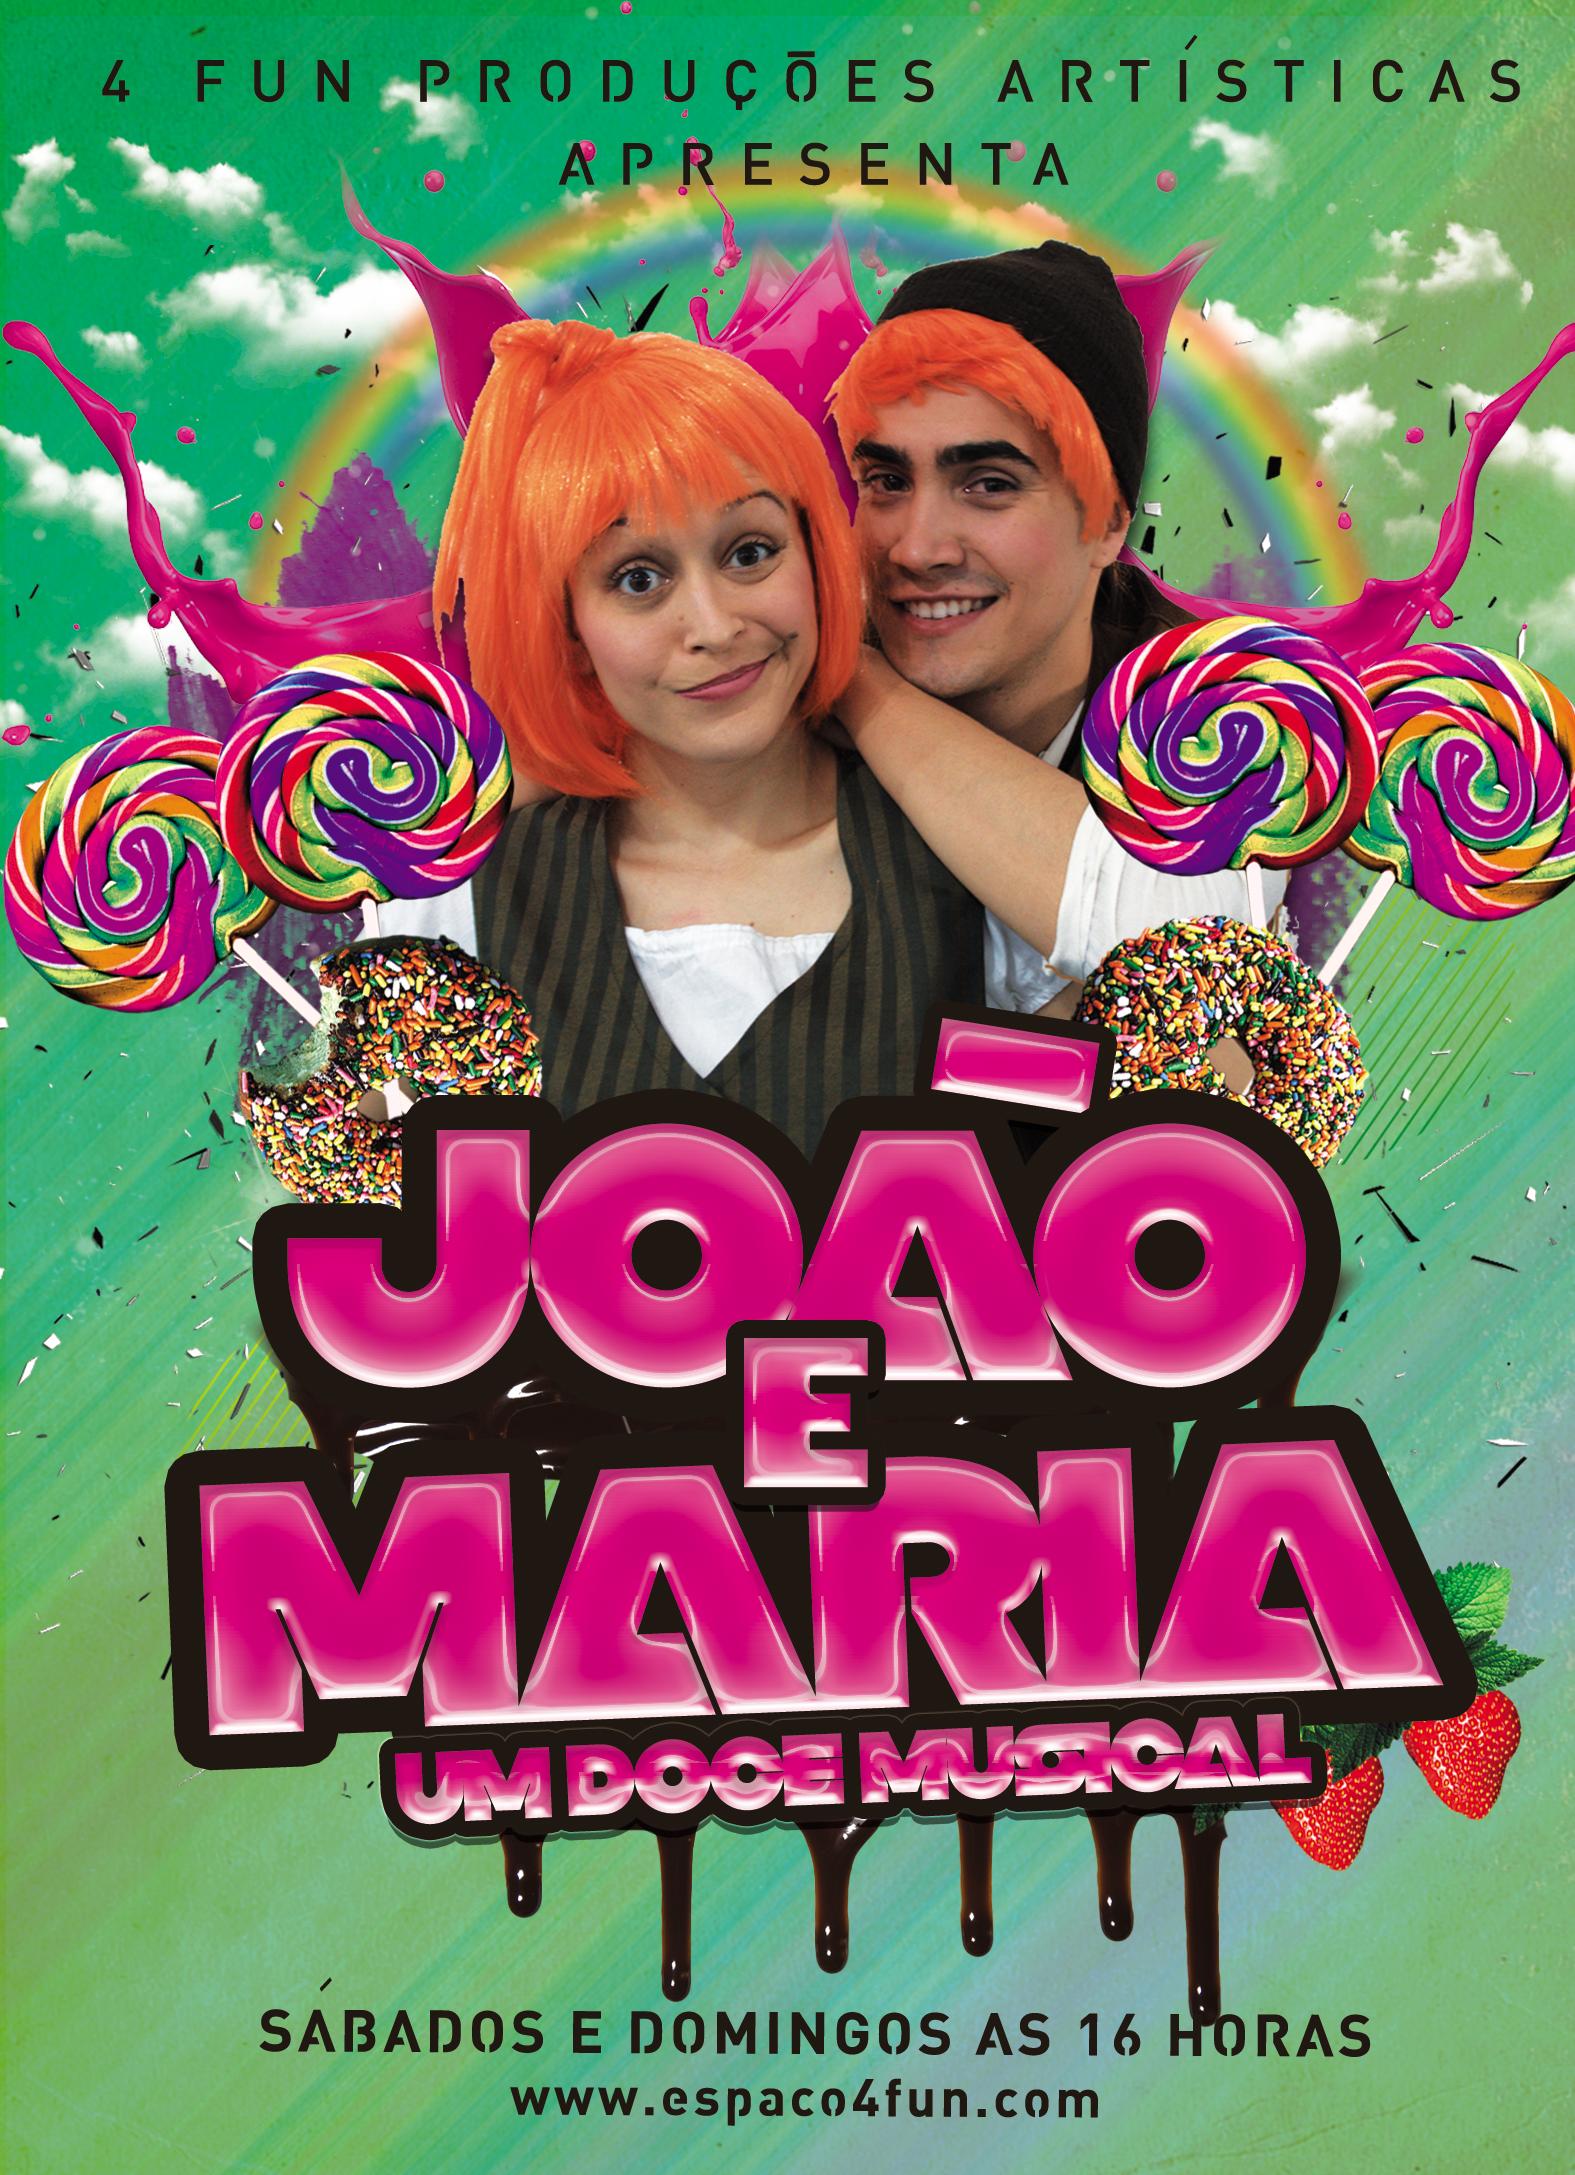 JOAO E MARIA, UM DOCE MUSICAL